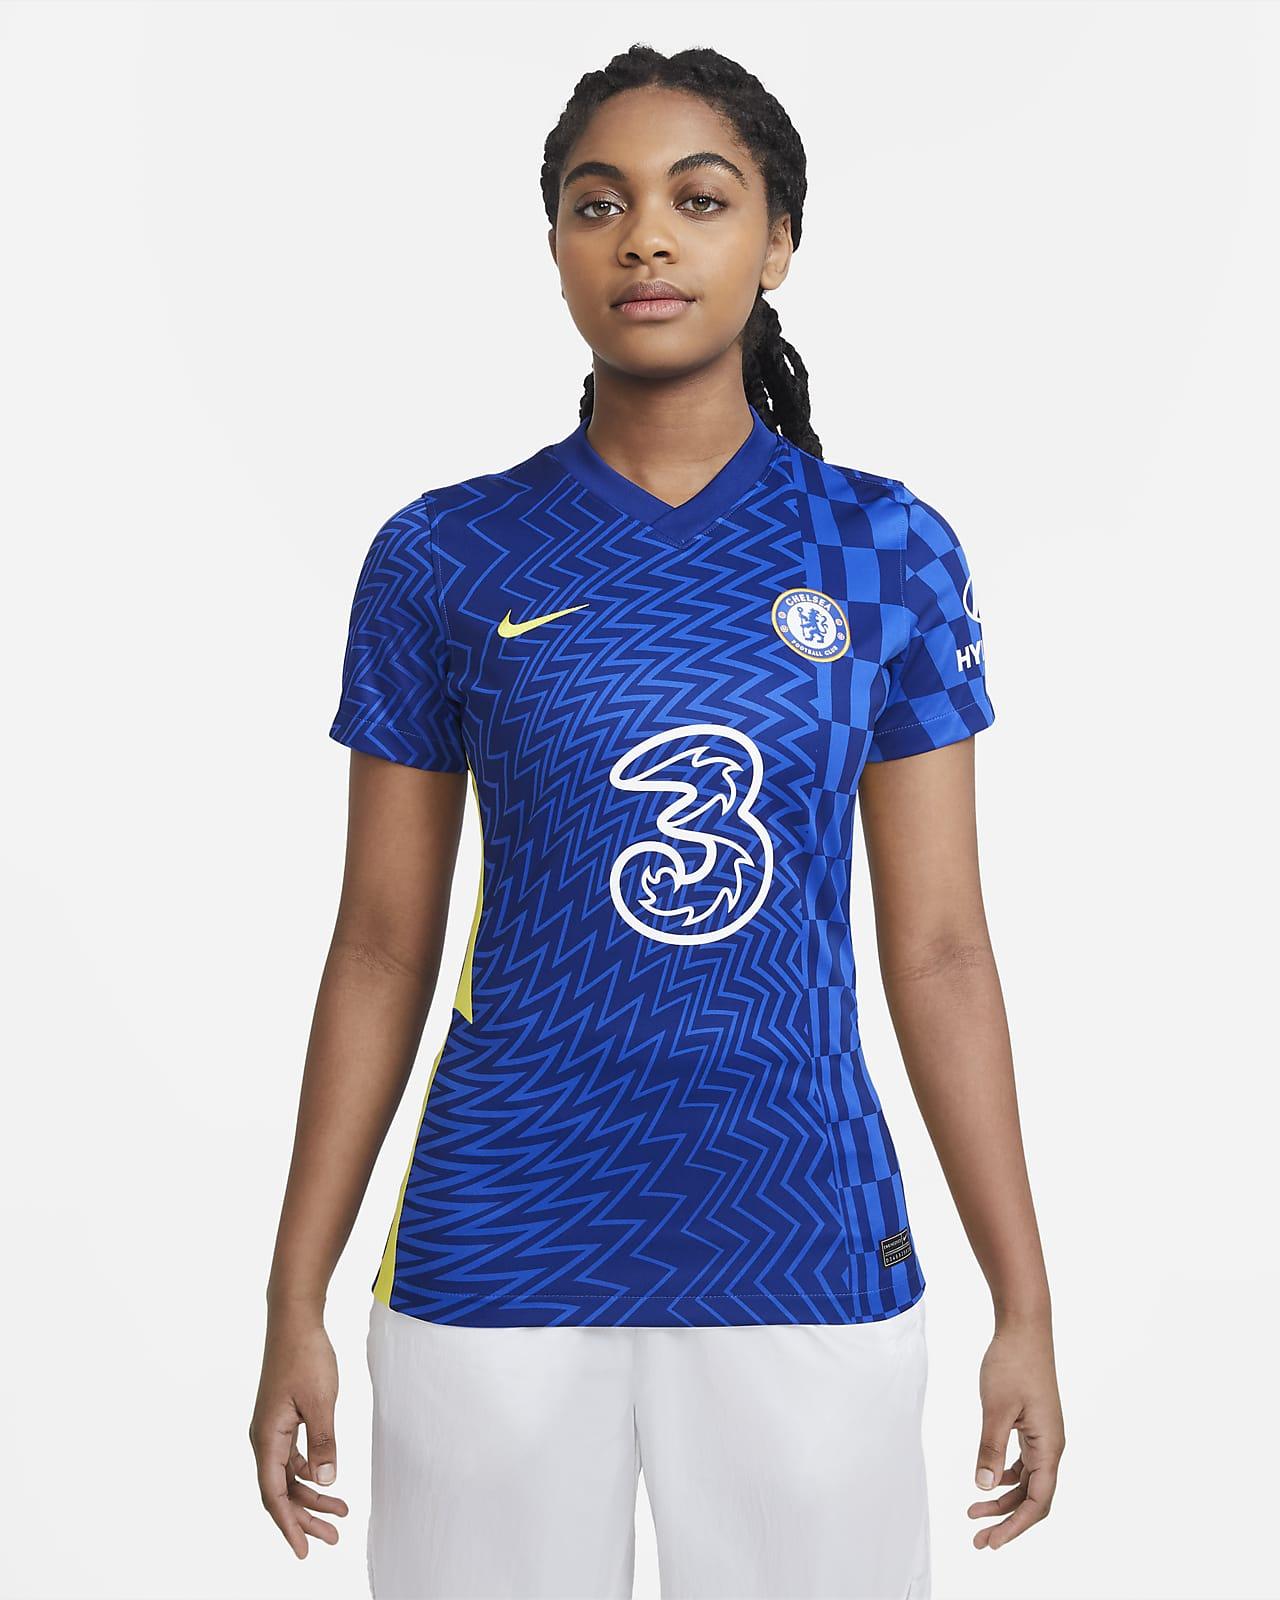 Chelsea F.C. 2021/22 Stadium Home Women's Football Shirt